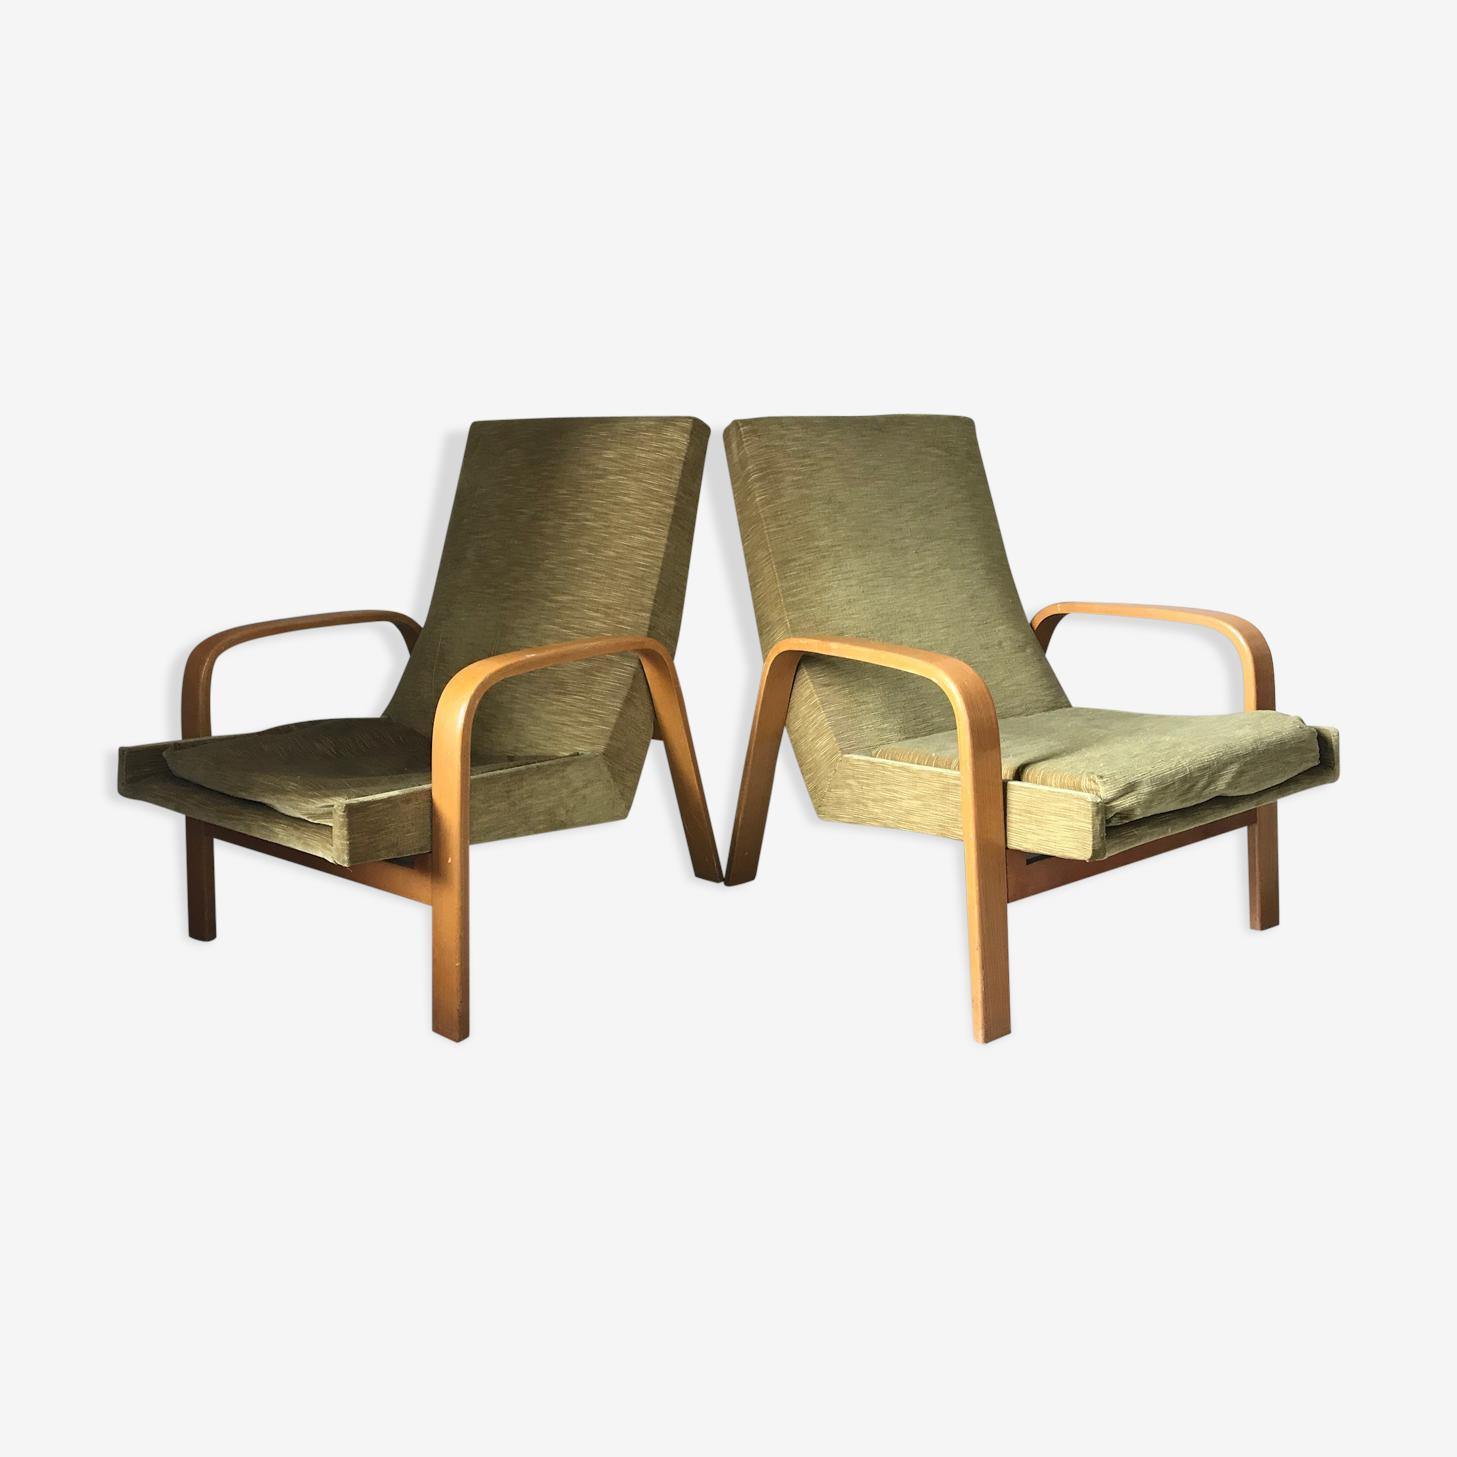 Paire de fauteuils ARP design Steiner années 60